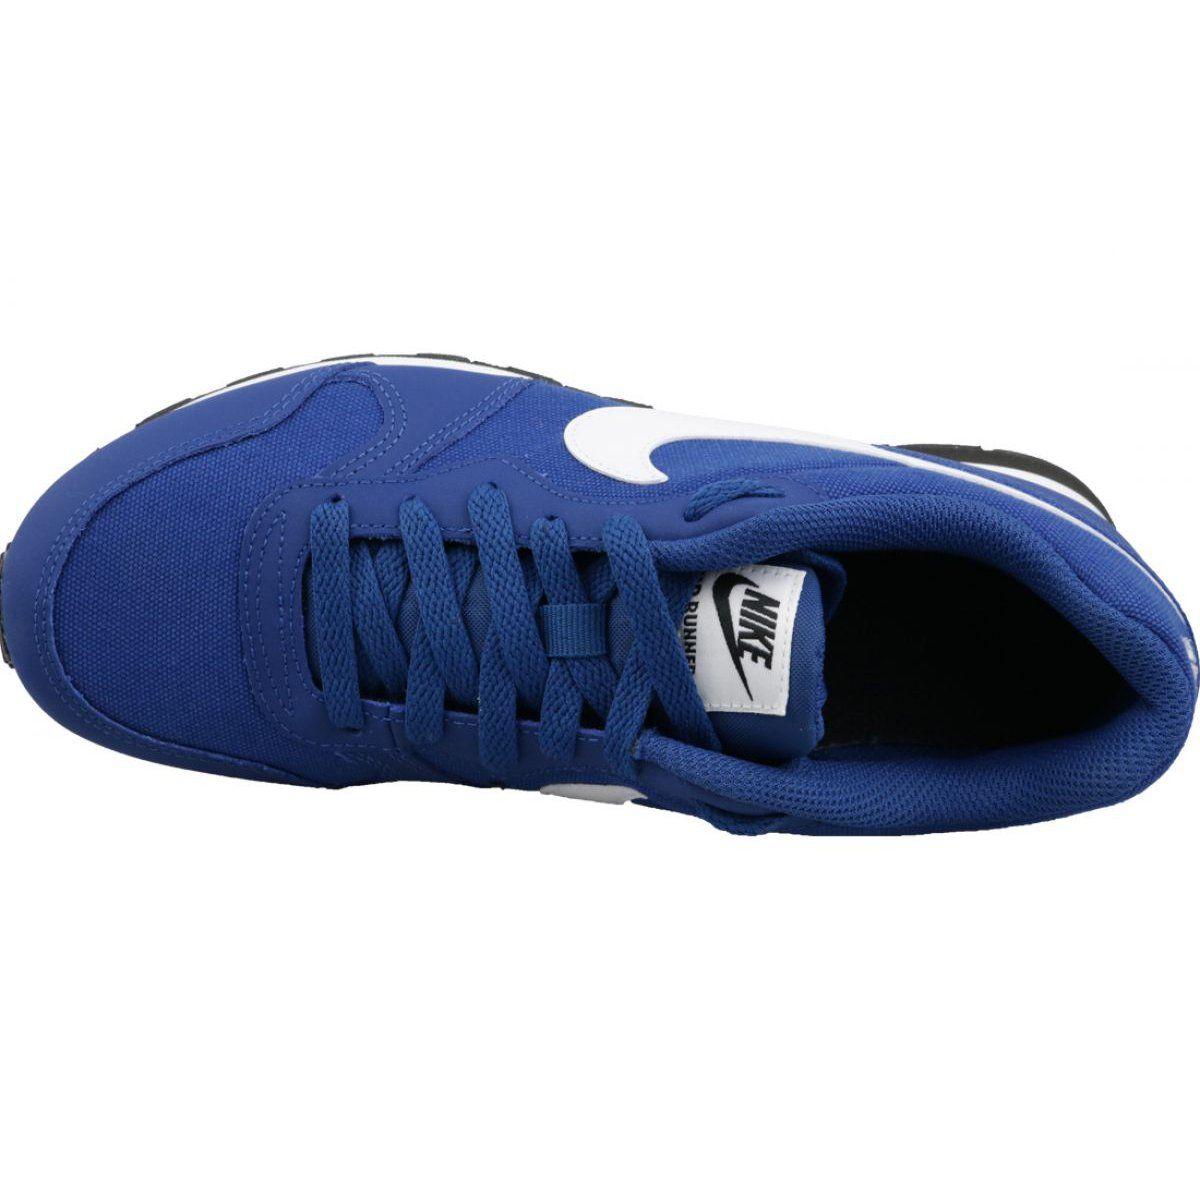 Nike Md Runner 2 Gs Jr 807316 411 Shoes Blue Nike Shoes Women Blue Shoes Nike